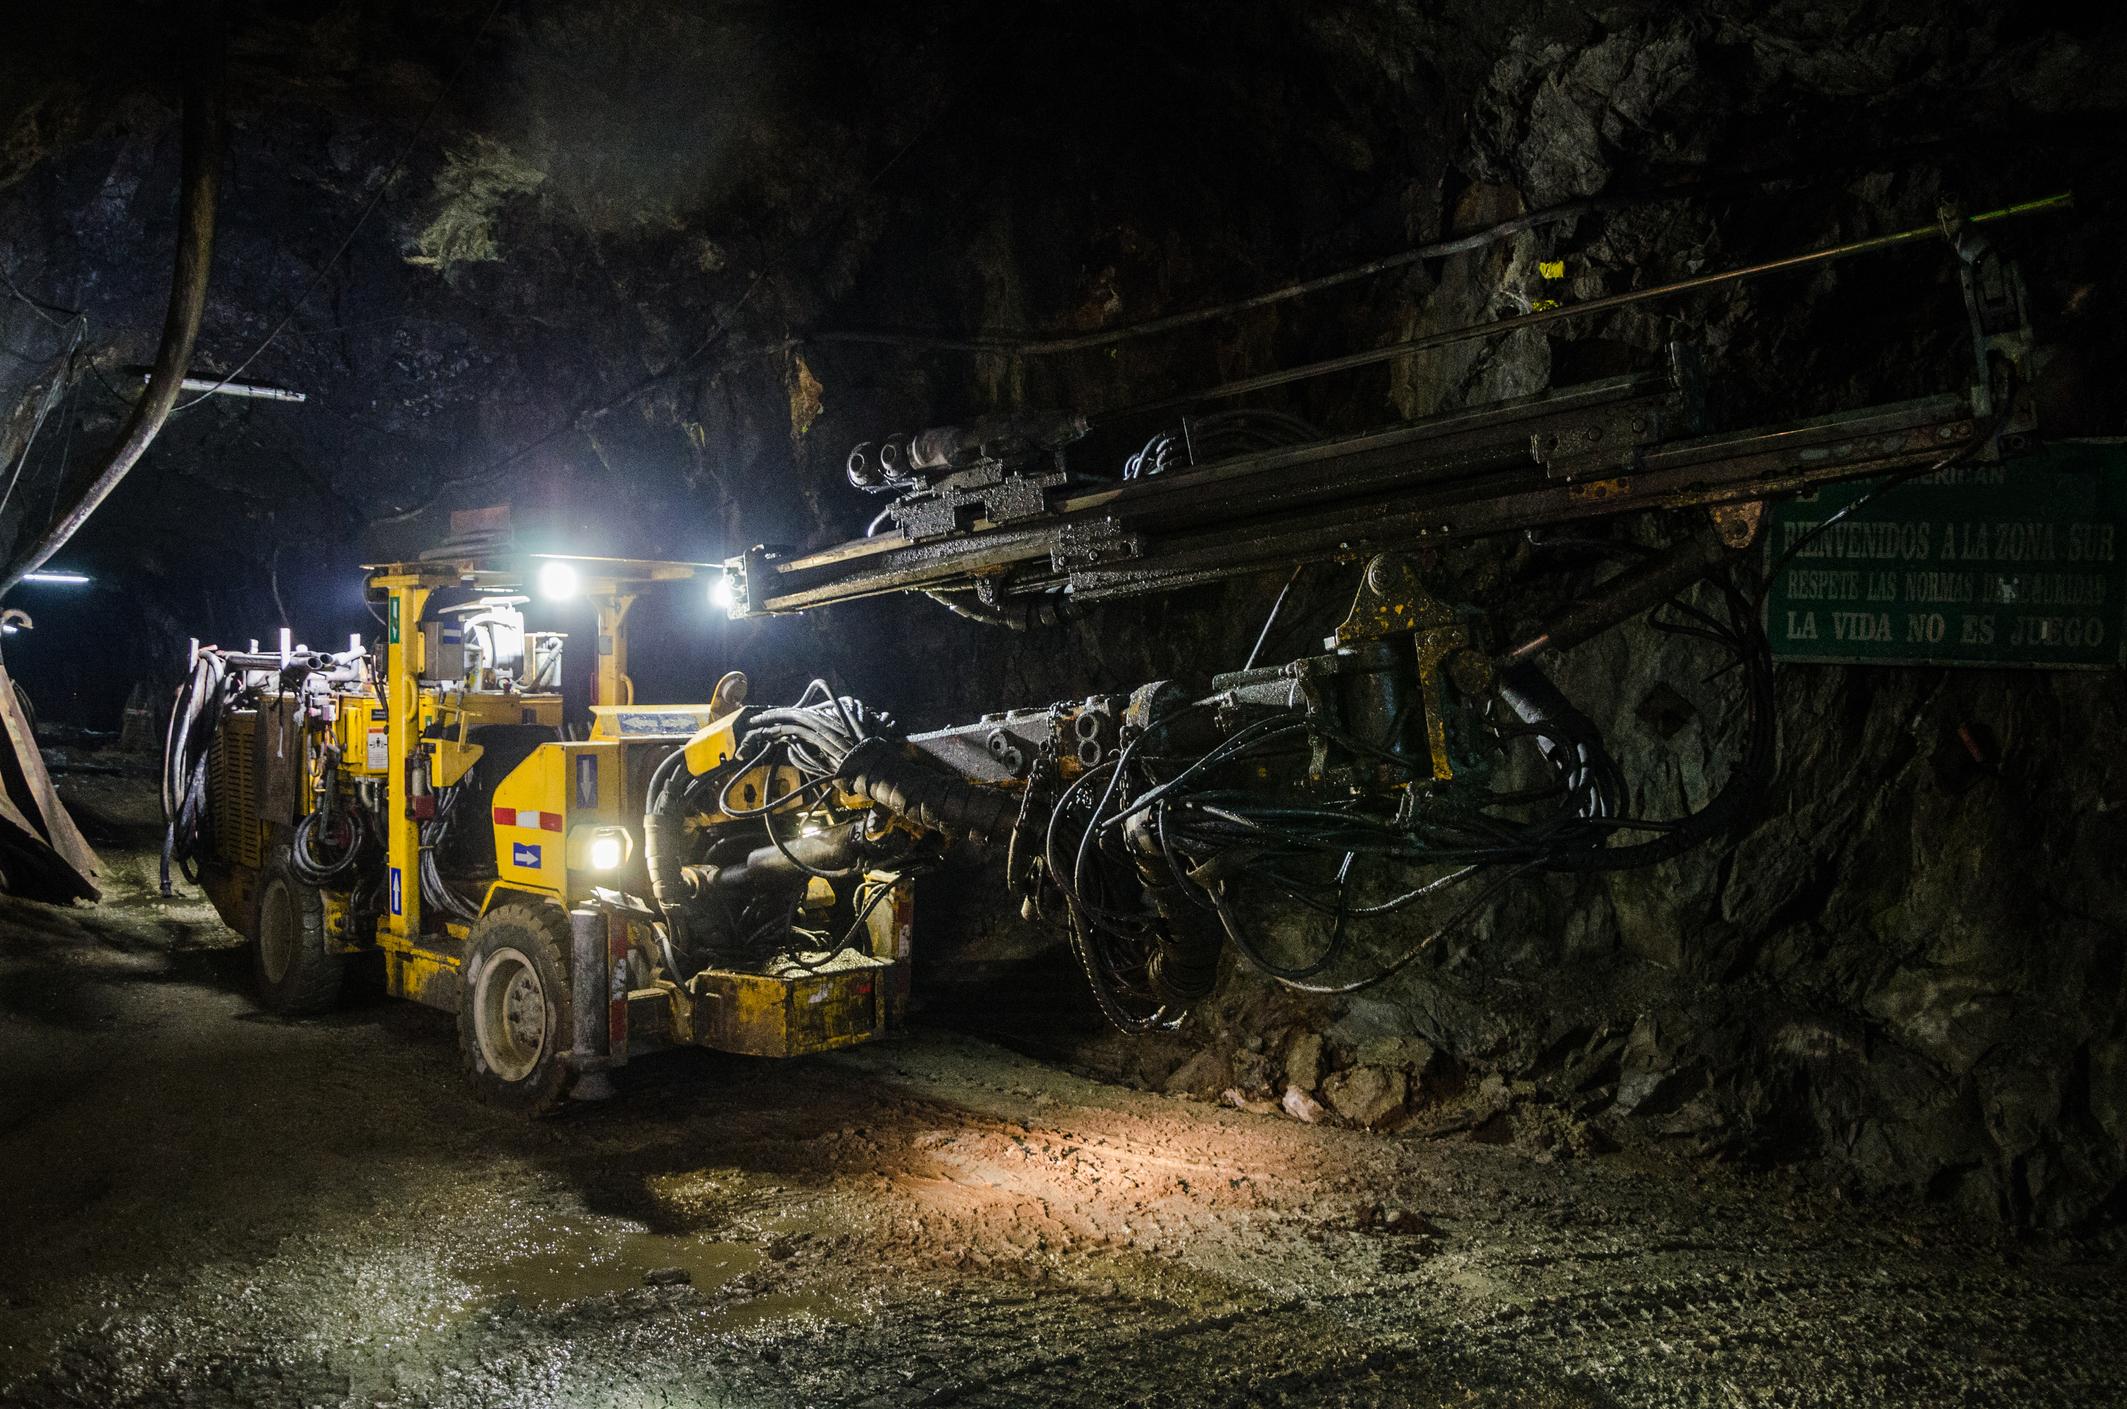 Heavy mining machinery underground.